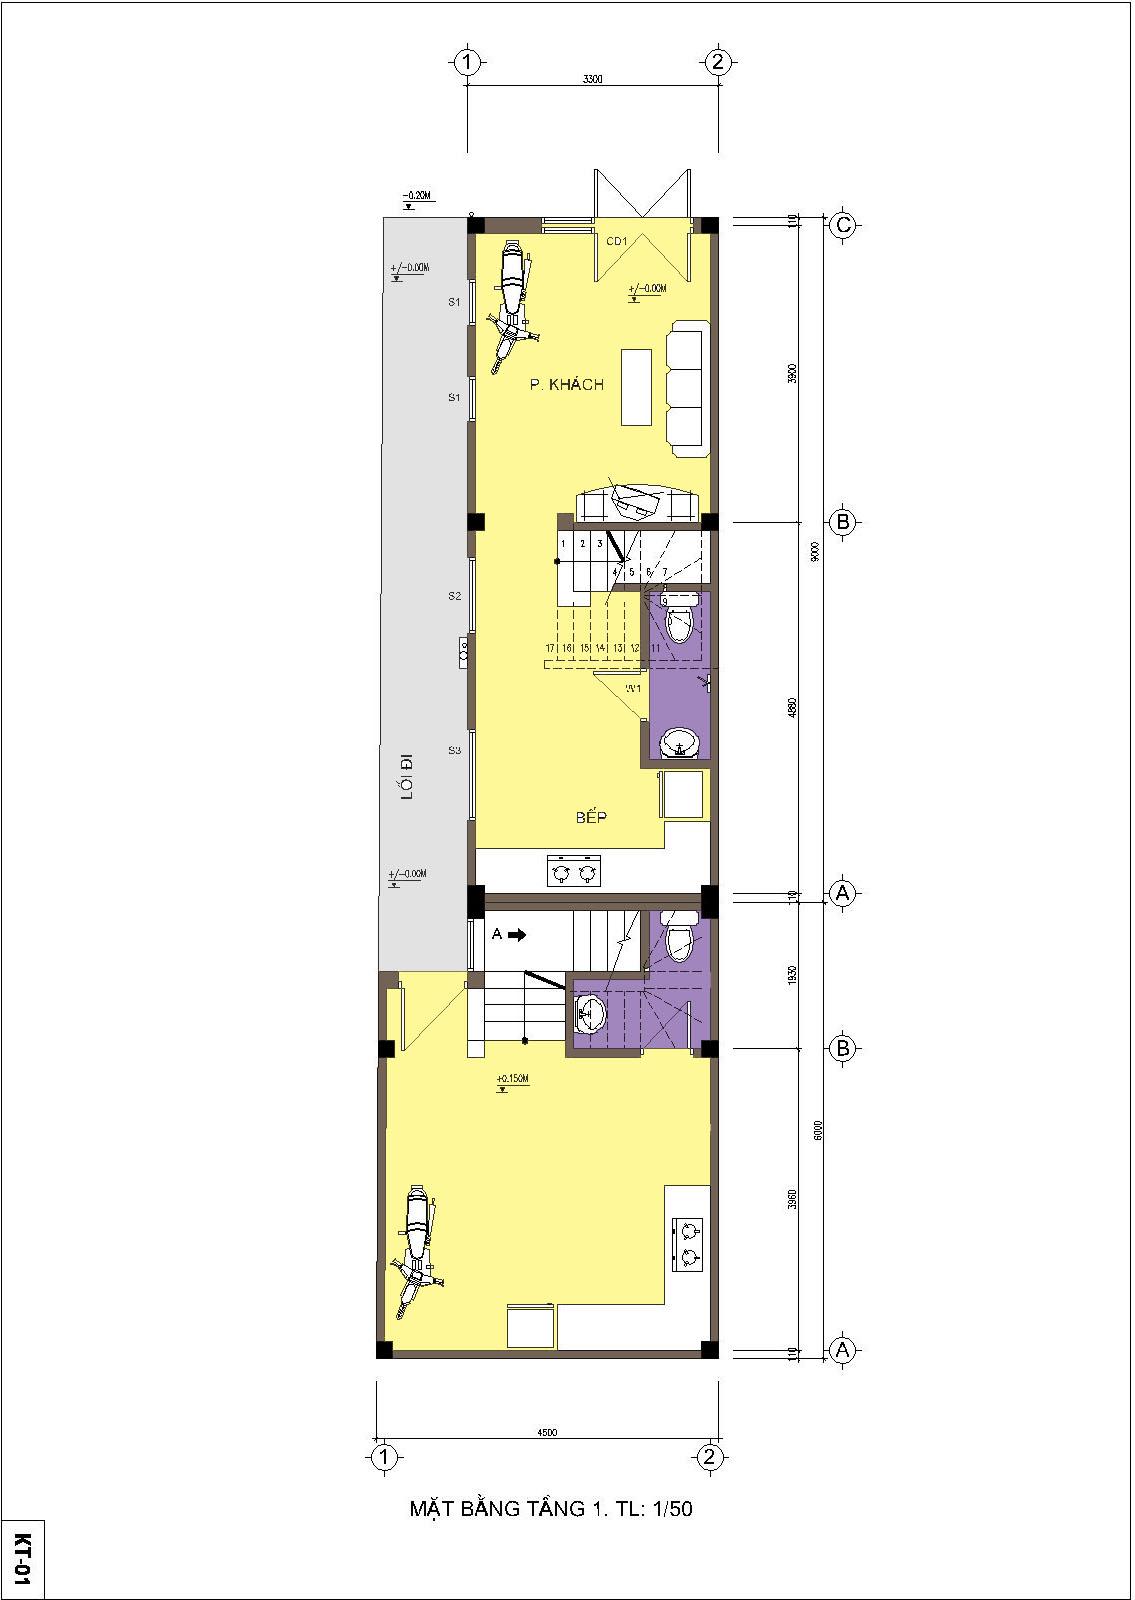 Nhà ống / nhà phố 4.5x15m - Mặt bằng tầng 1